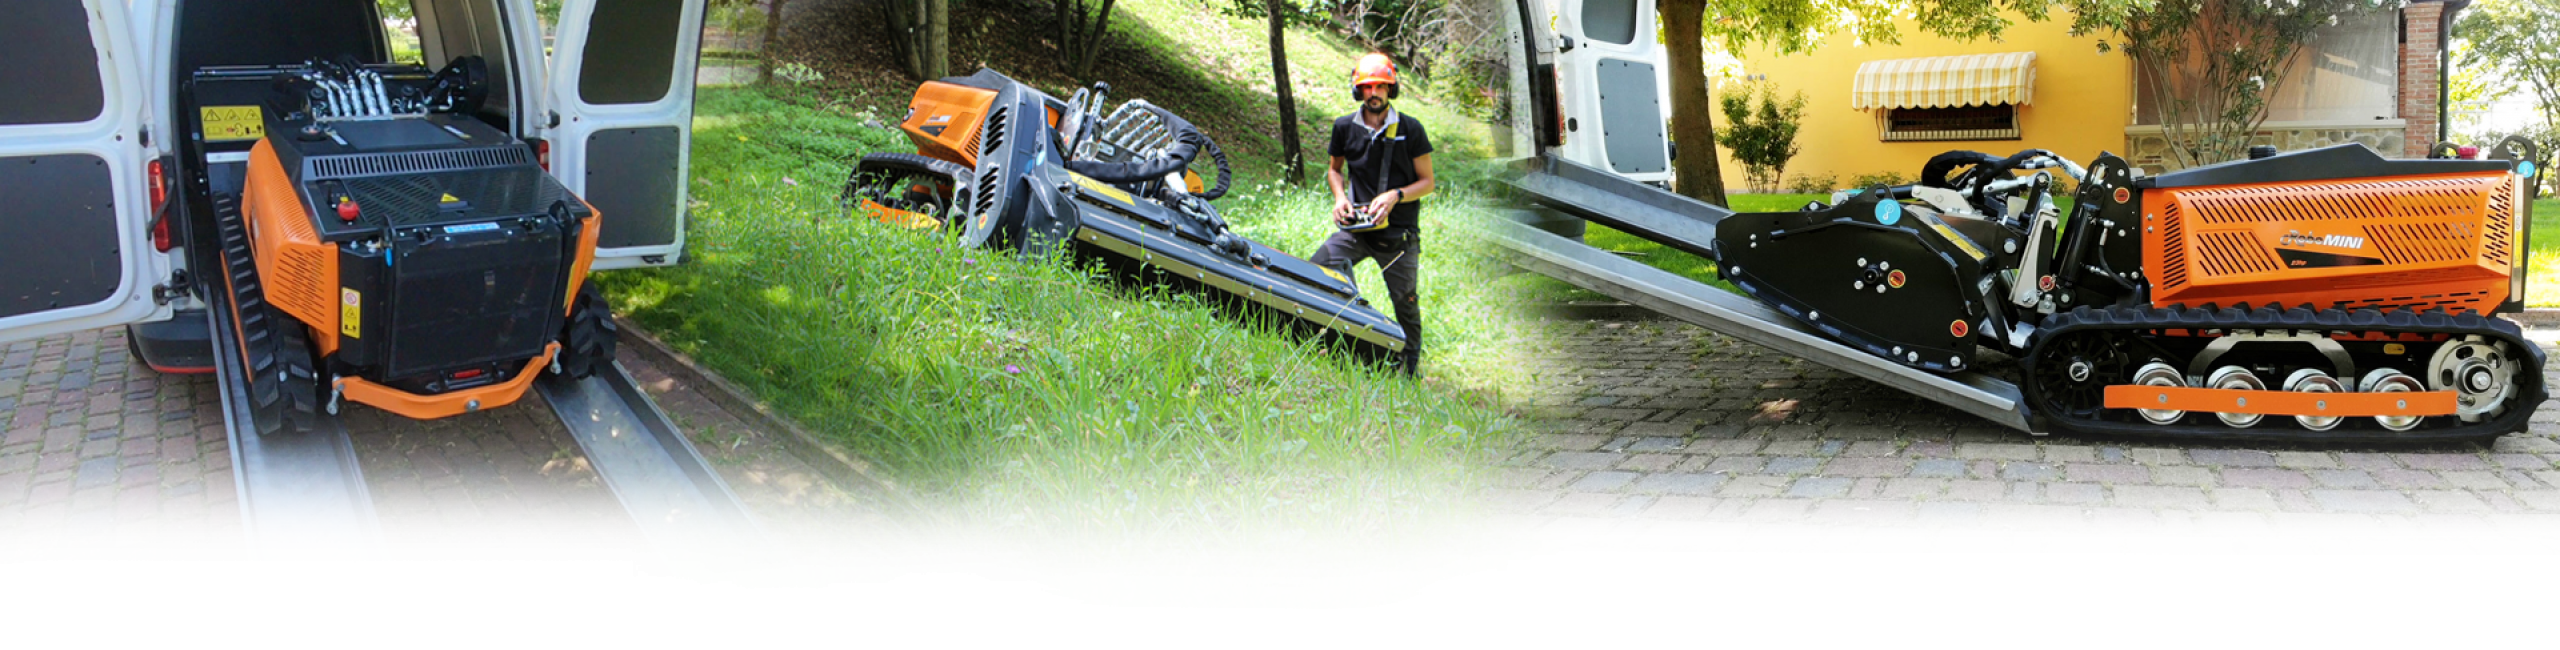 robomini - radiocoamandato compatto - energreen macchine professionali